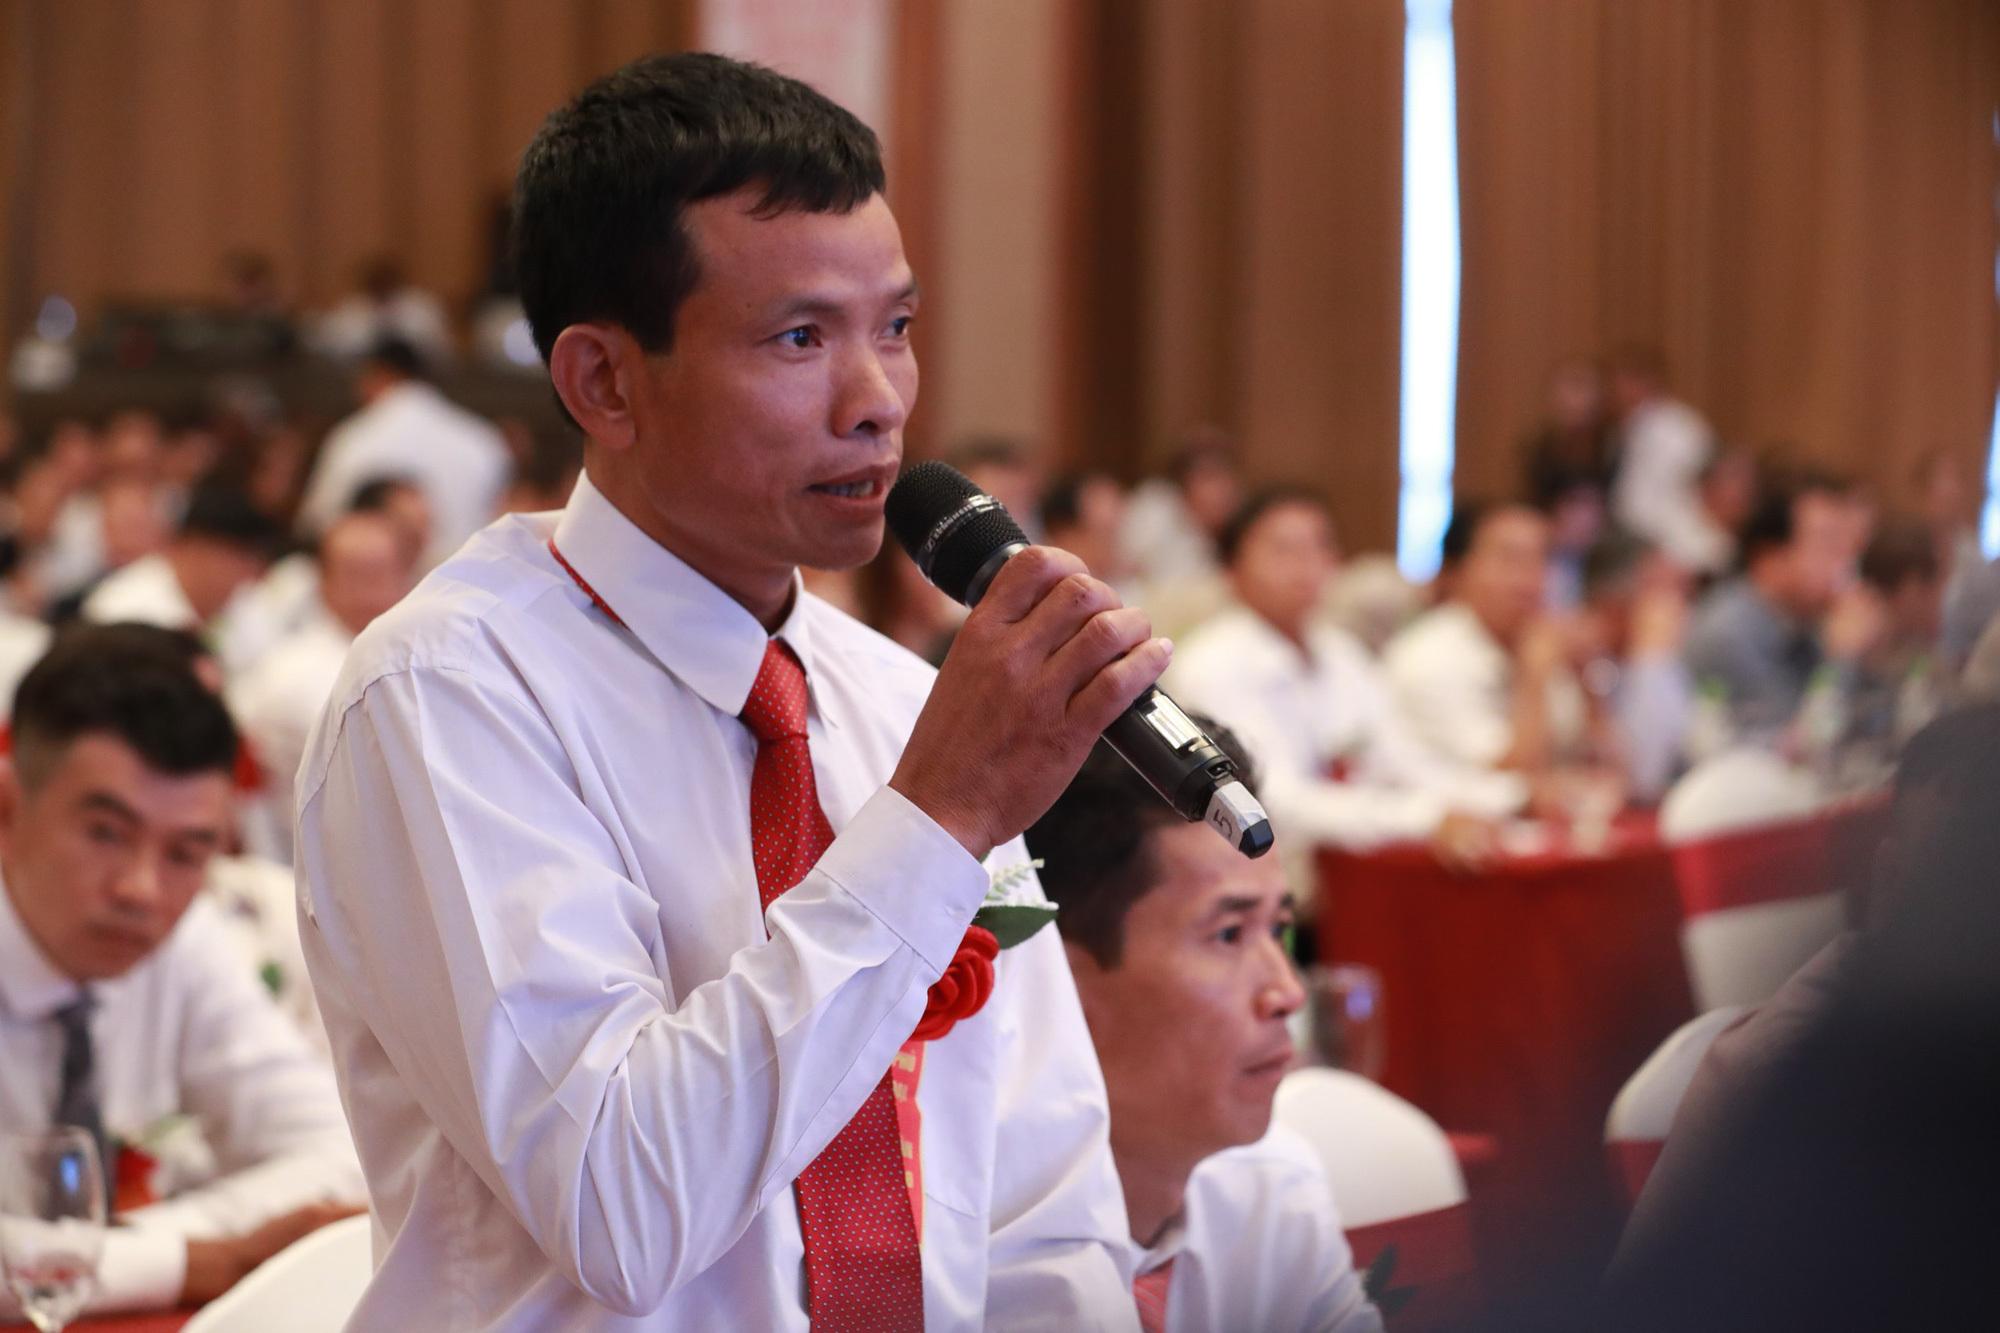 Thủ tướng: Xây dựng Việt Nam hùng cường là khát vọng của người nông dân